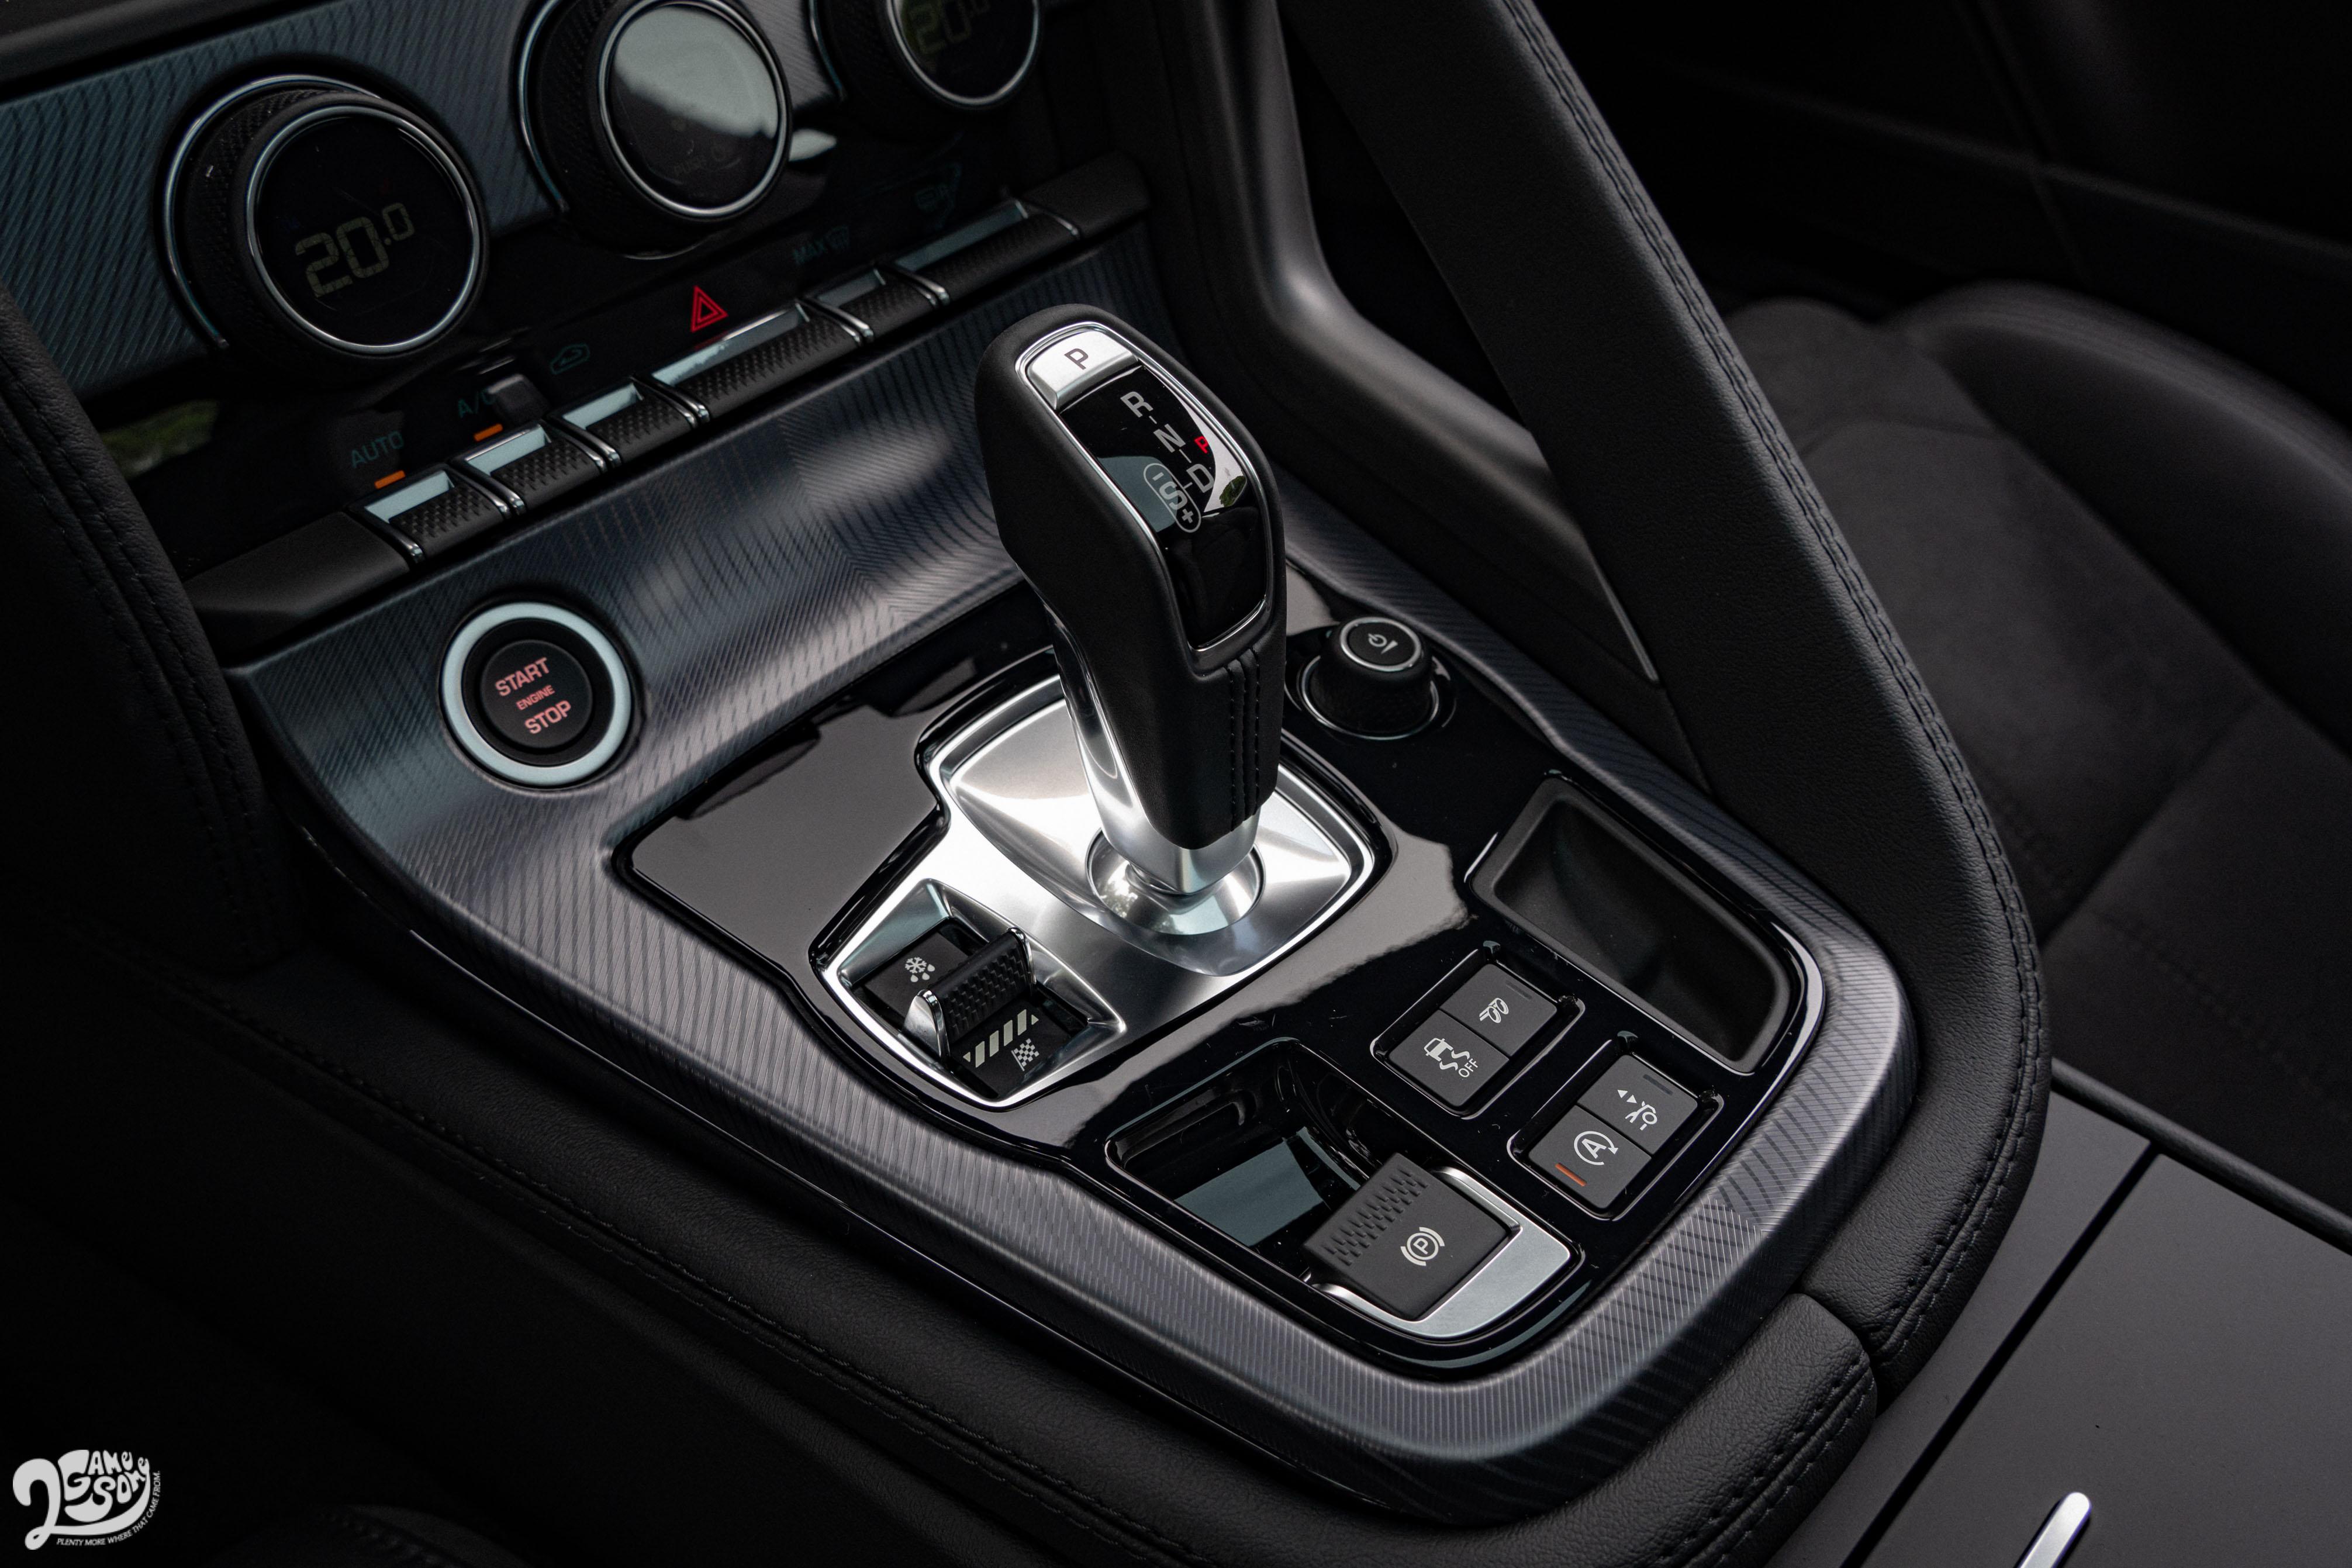 動力銜接 8 速手自排變速箱,並採取後輪驅動配置。